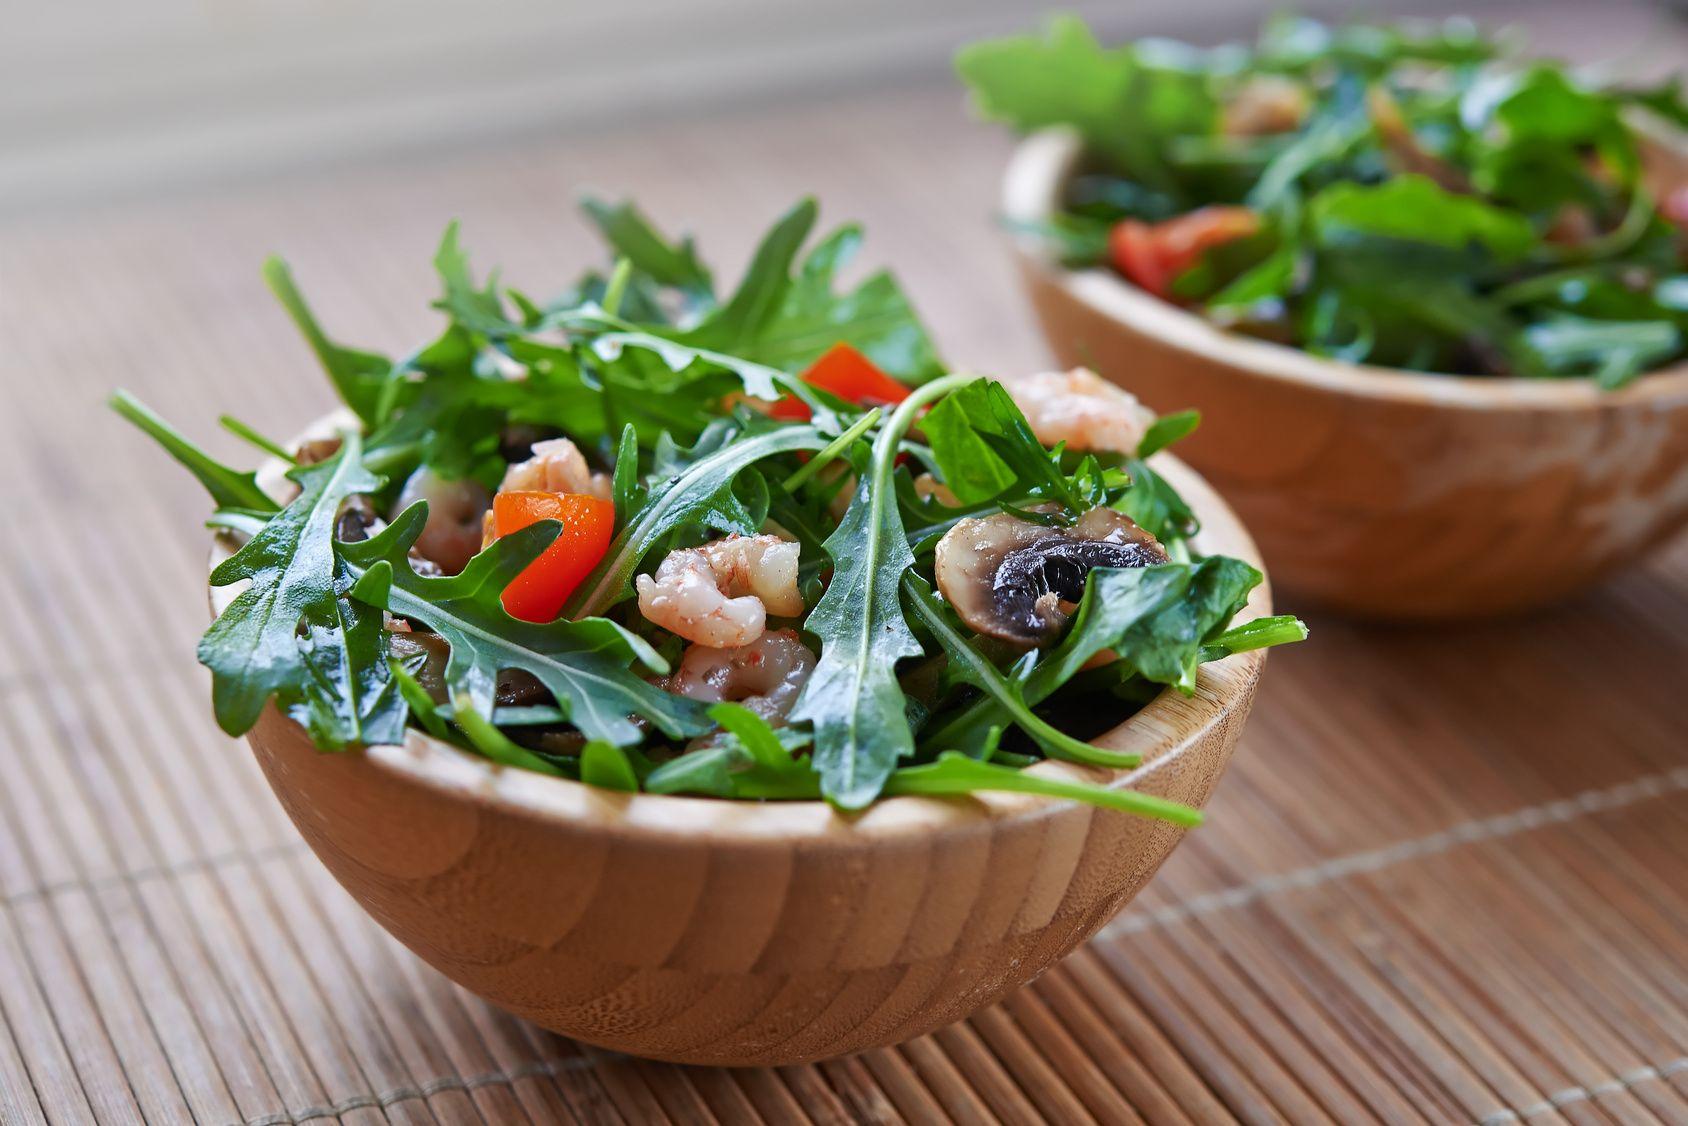 Rauke wird schon seit dem Altertum als Würzmittel, aber in erster Linie als Salat verwendet. Heute ist sie eher unter ihrem toskanischen Namen #Rucola bekannt. Der leicht bittere Geschmack des Gewächses sorgt in Kombination mit weiteren Lebensmitteln für besondere Geschmackserlebnisse wie zum Beispiel in diesem frischen Salat im mediterranen Stil.